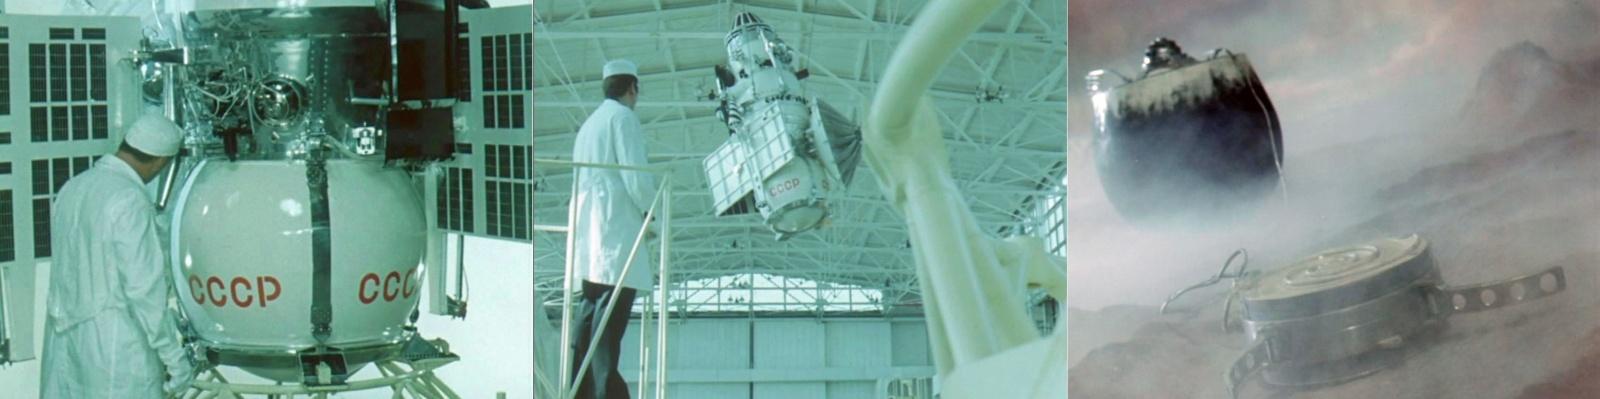 Возвращение советской межпланетной станции. Предварительный прогноз - 1